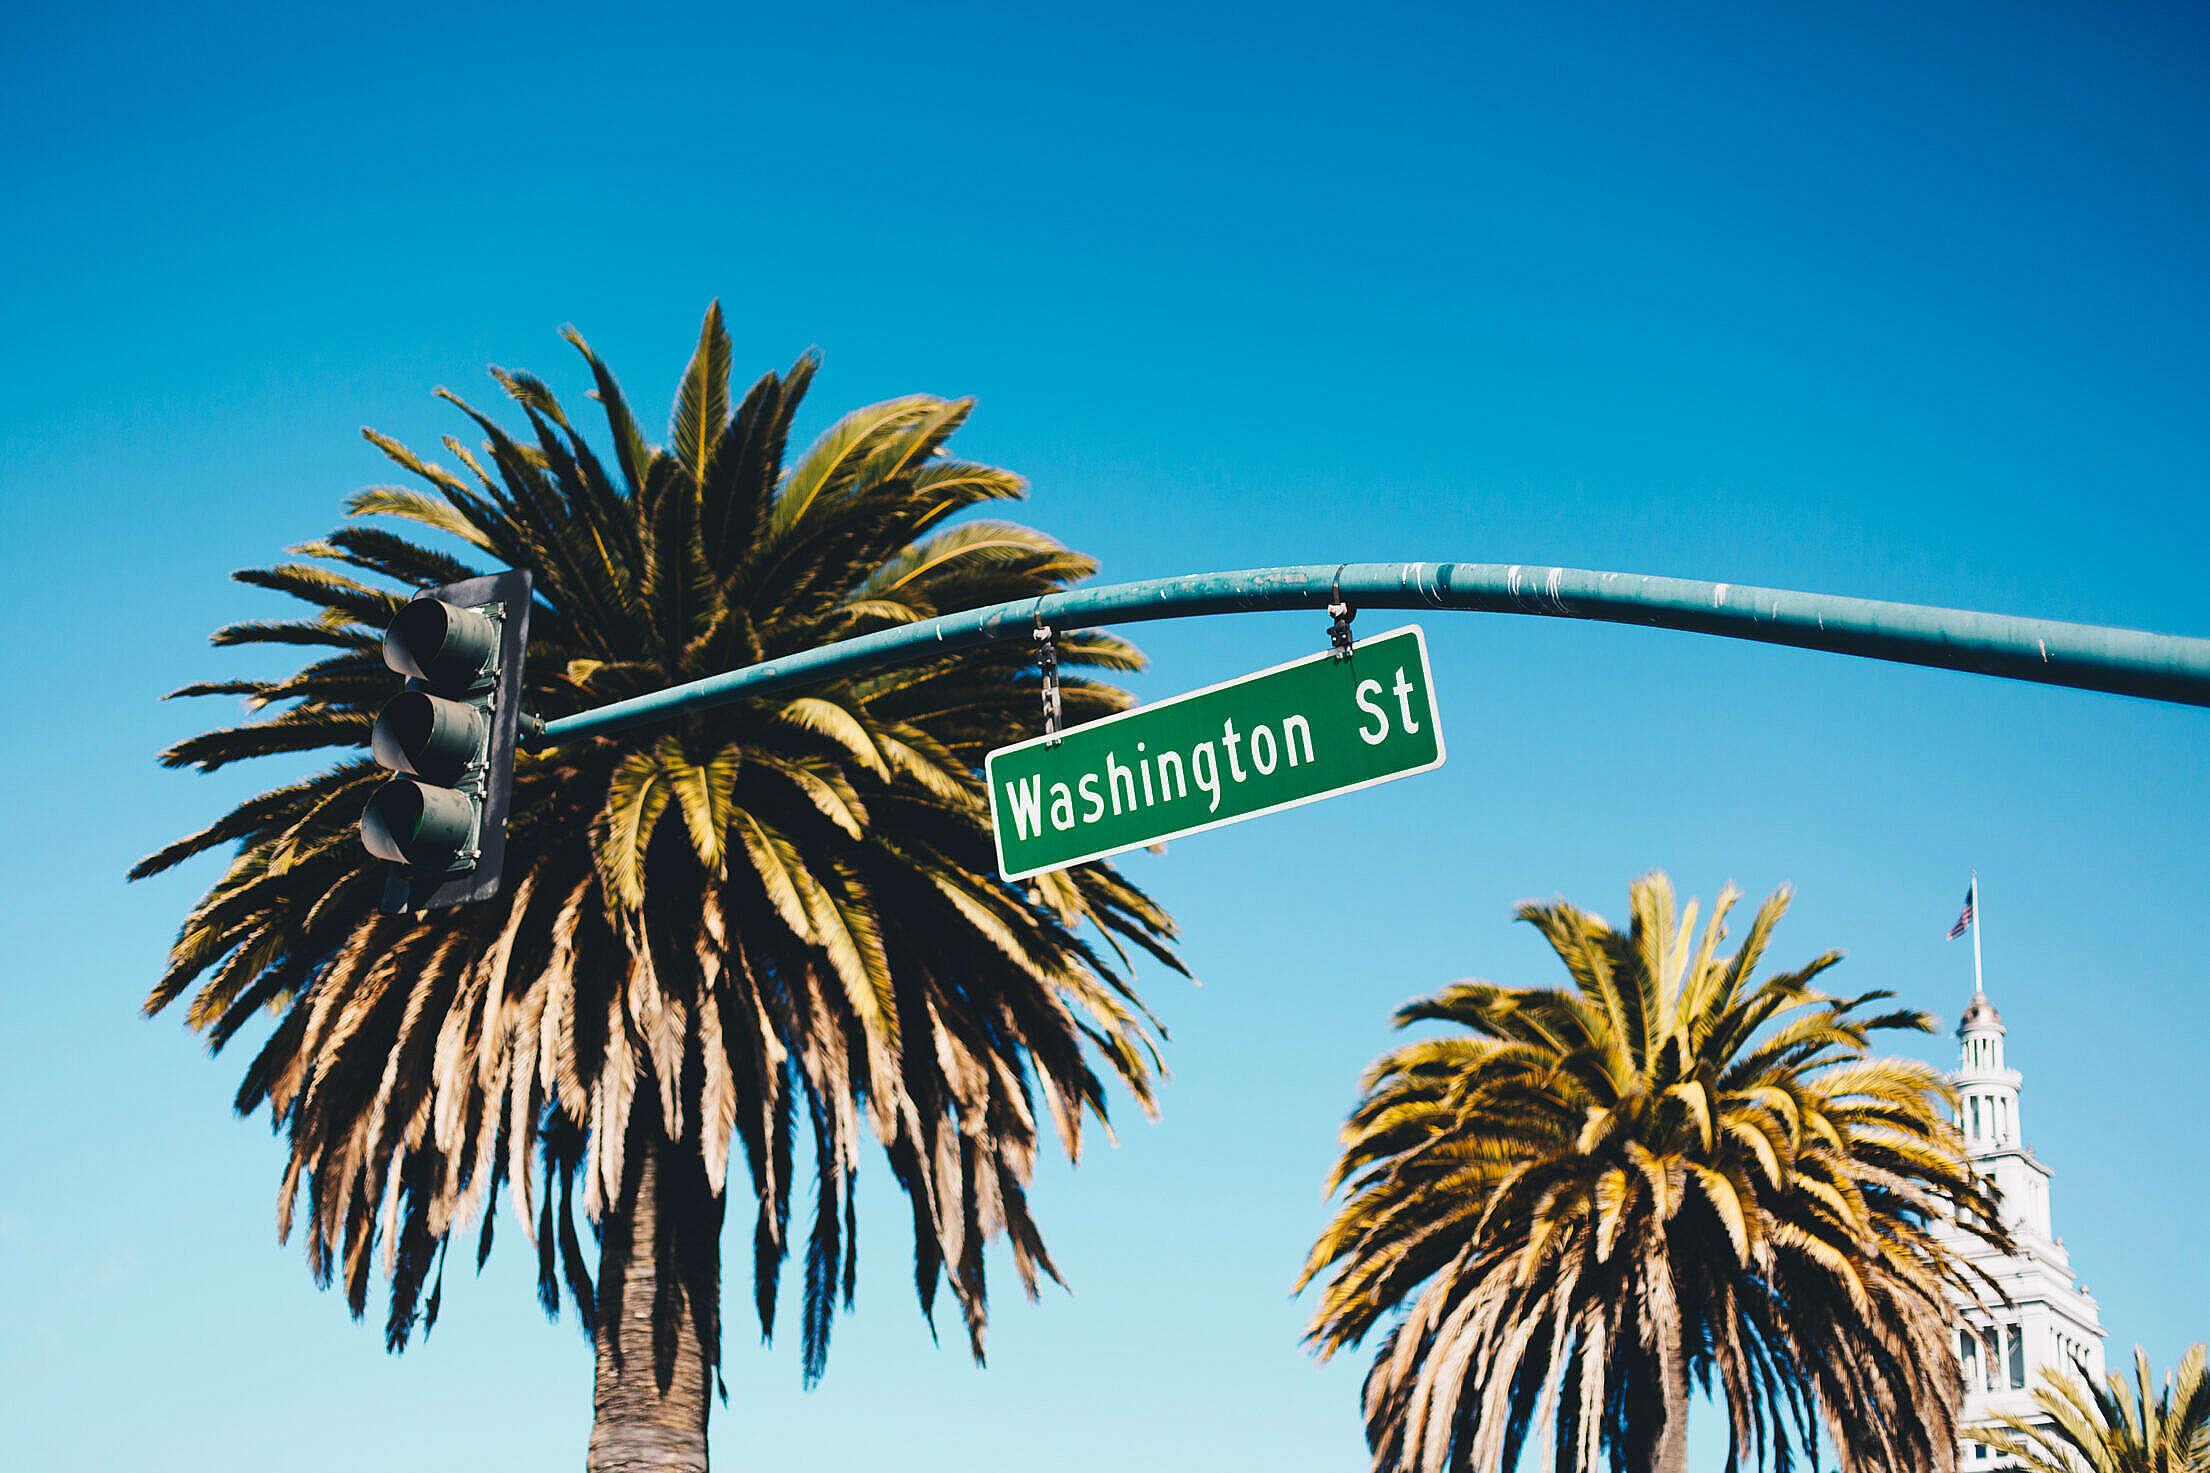 Washington Street San Francisco Free Stock Photo